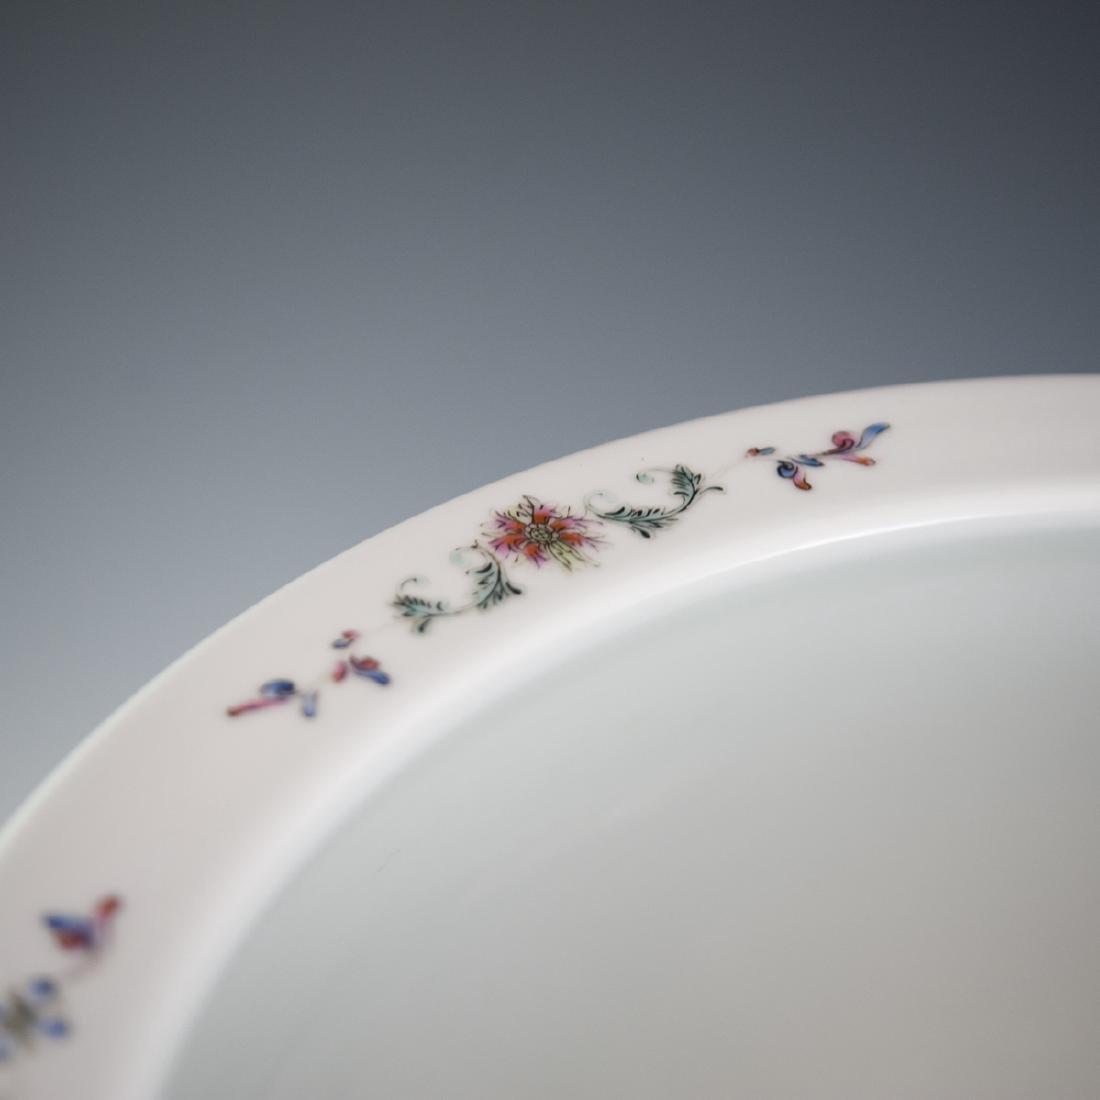 Chinese Famille Rose Enameled Fishbowl - 4